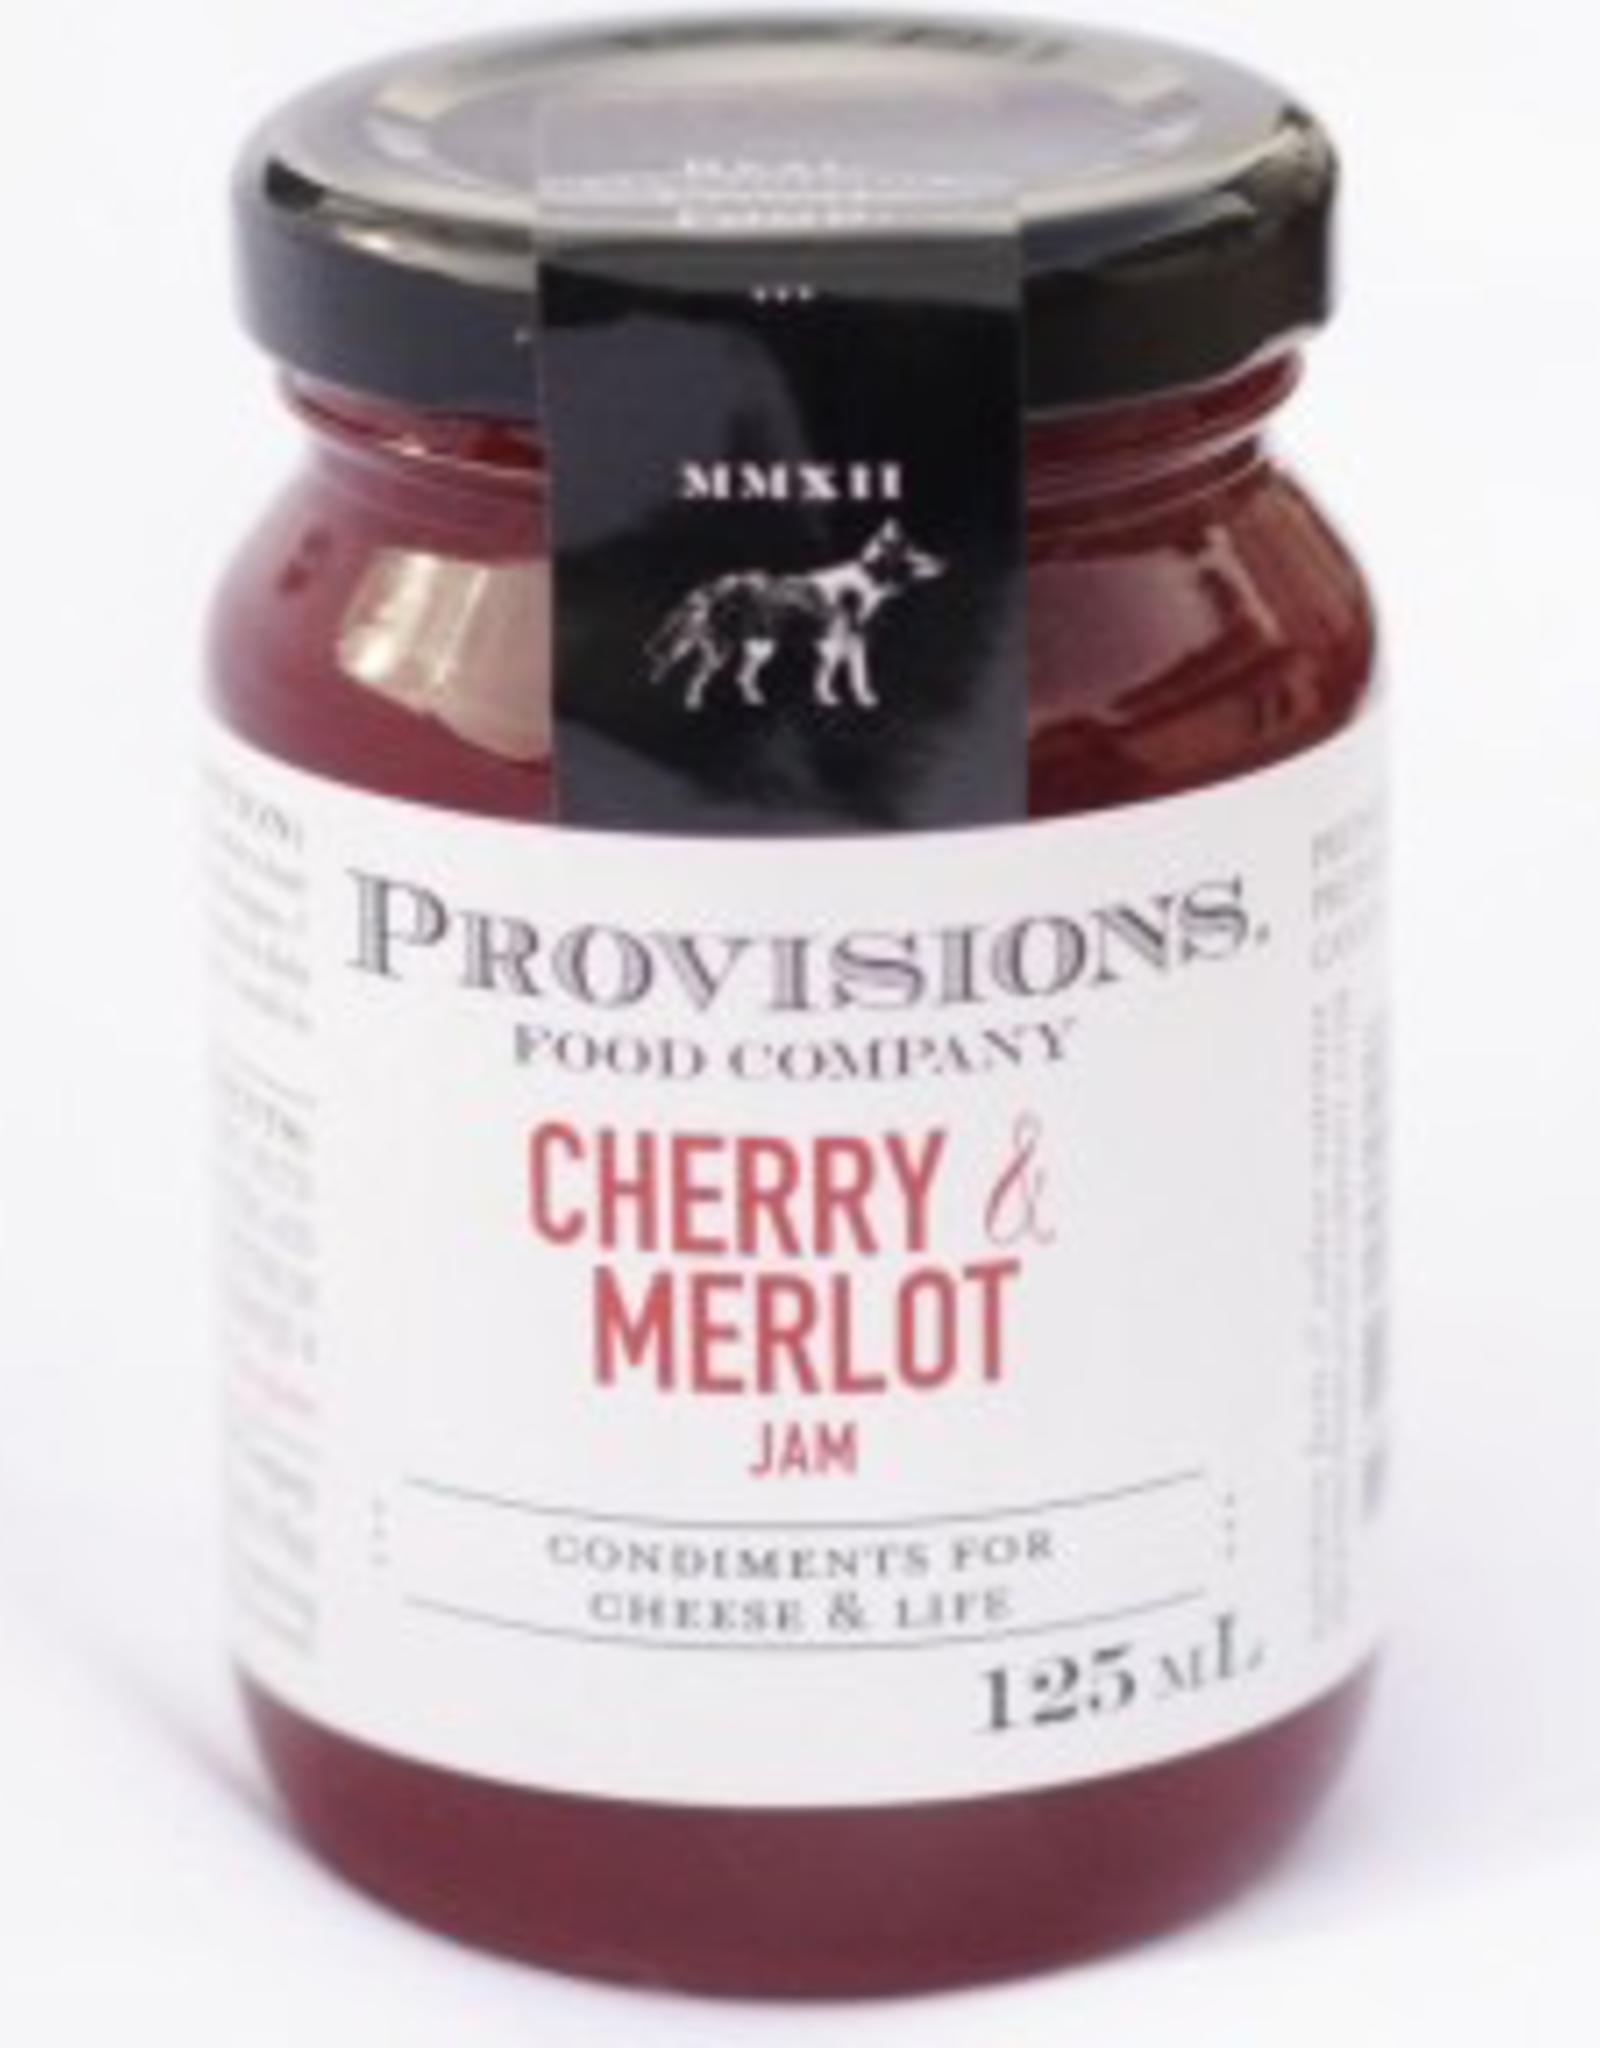 Provisions, Cherry & Merlot Jam